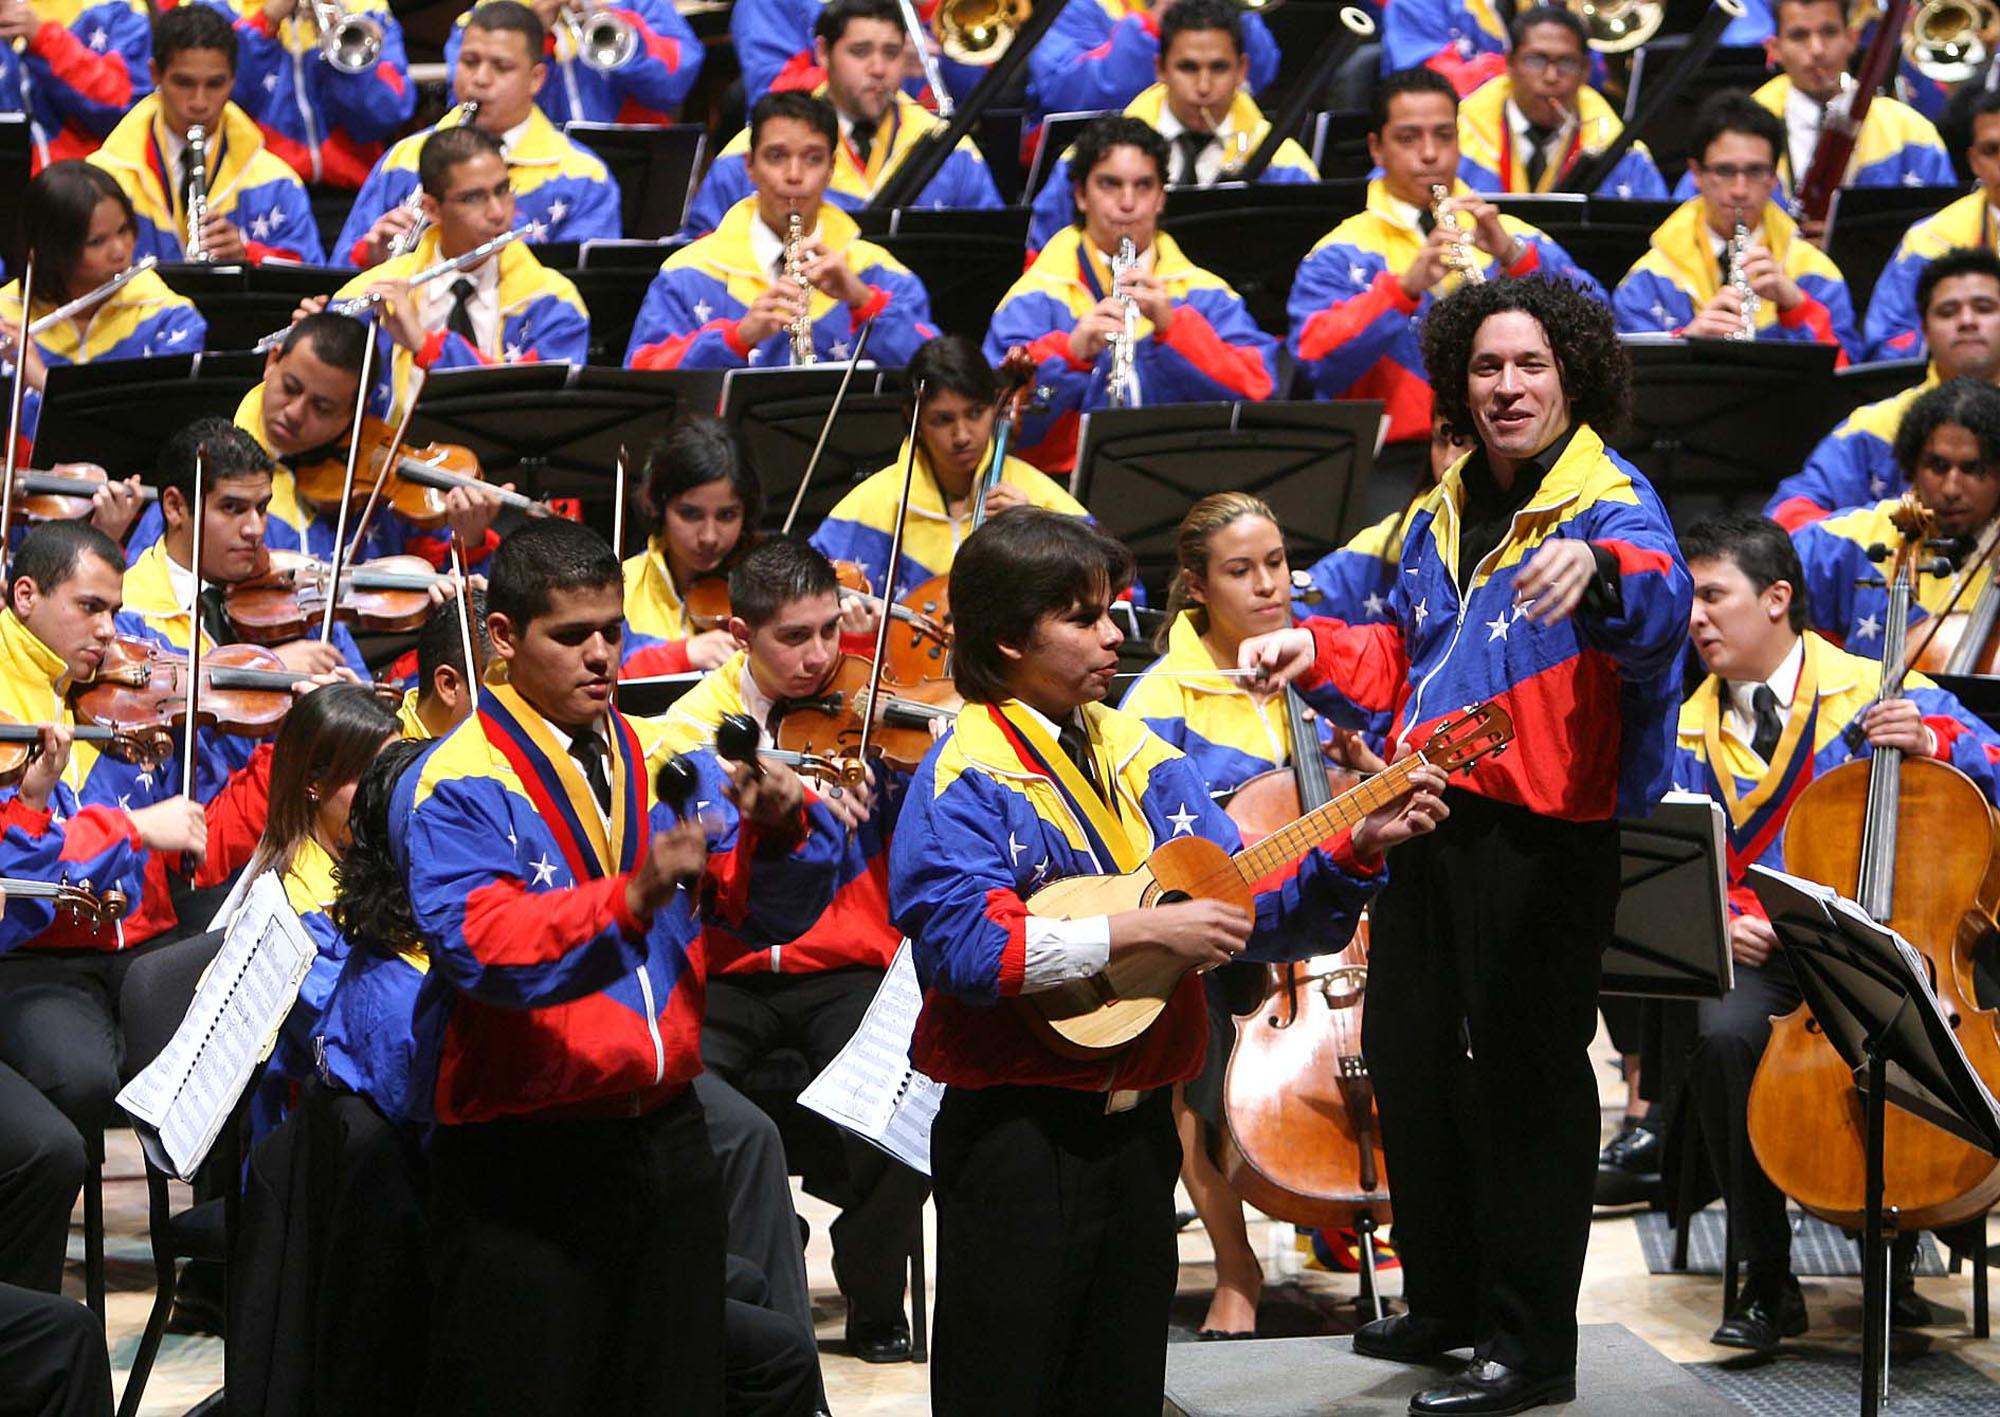 La Sinfónica de Venezuela ofrece concierto